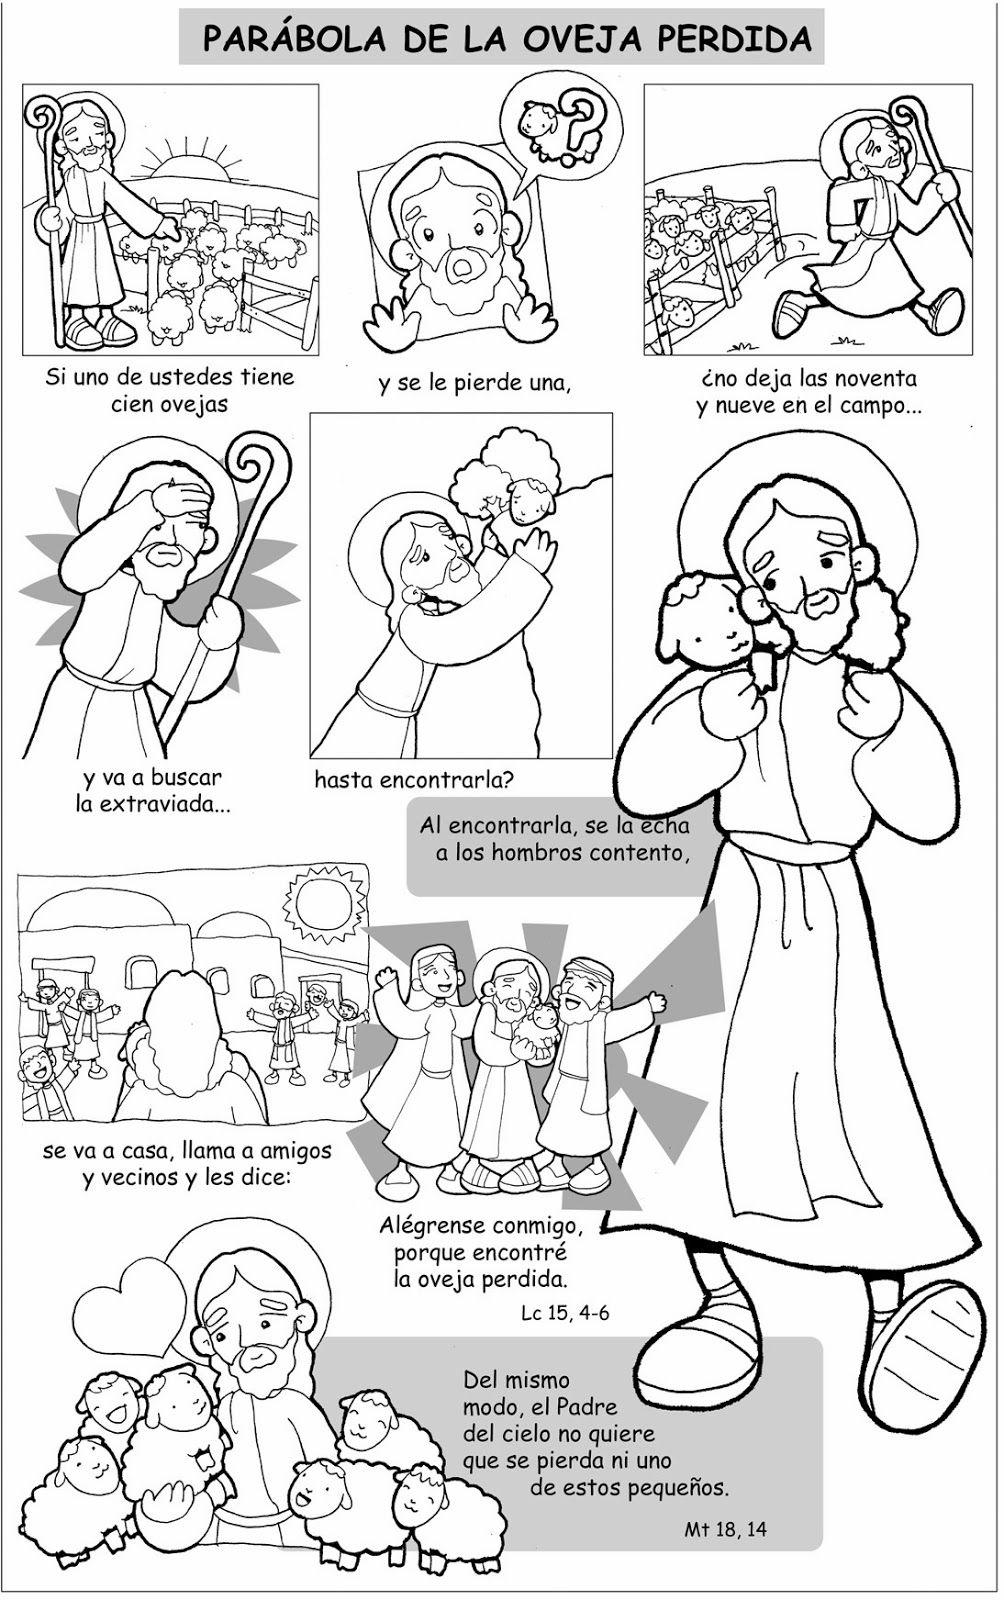 Dibujos Para Catequesis Parábola De La Oveja Perdida Ere